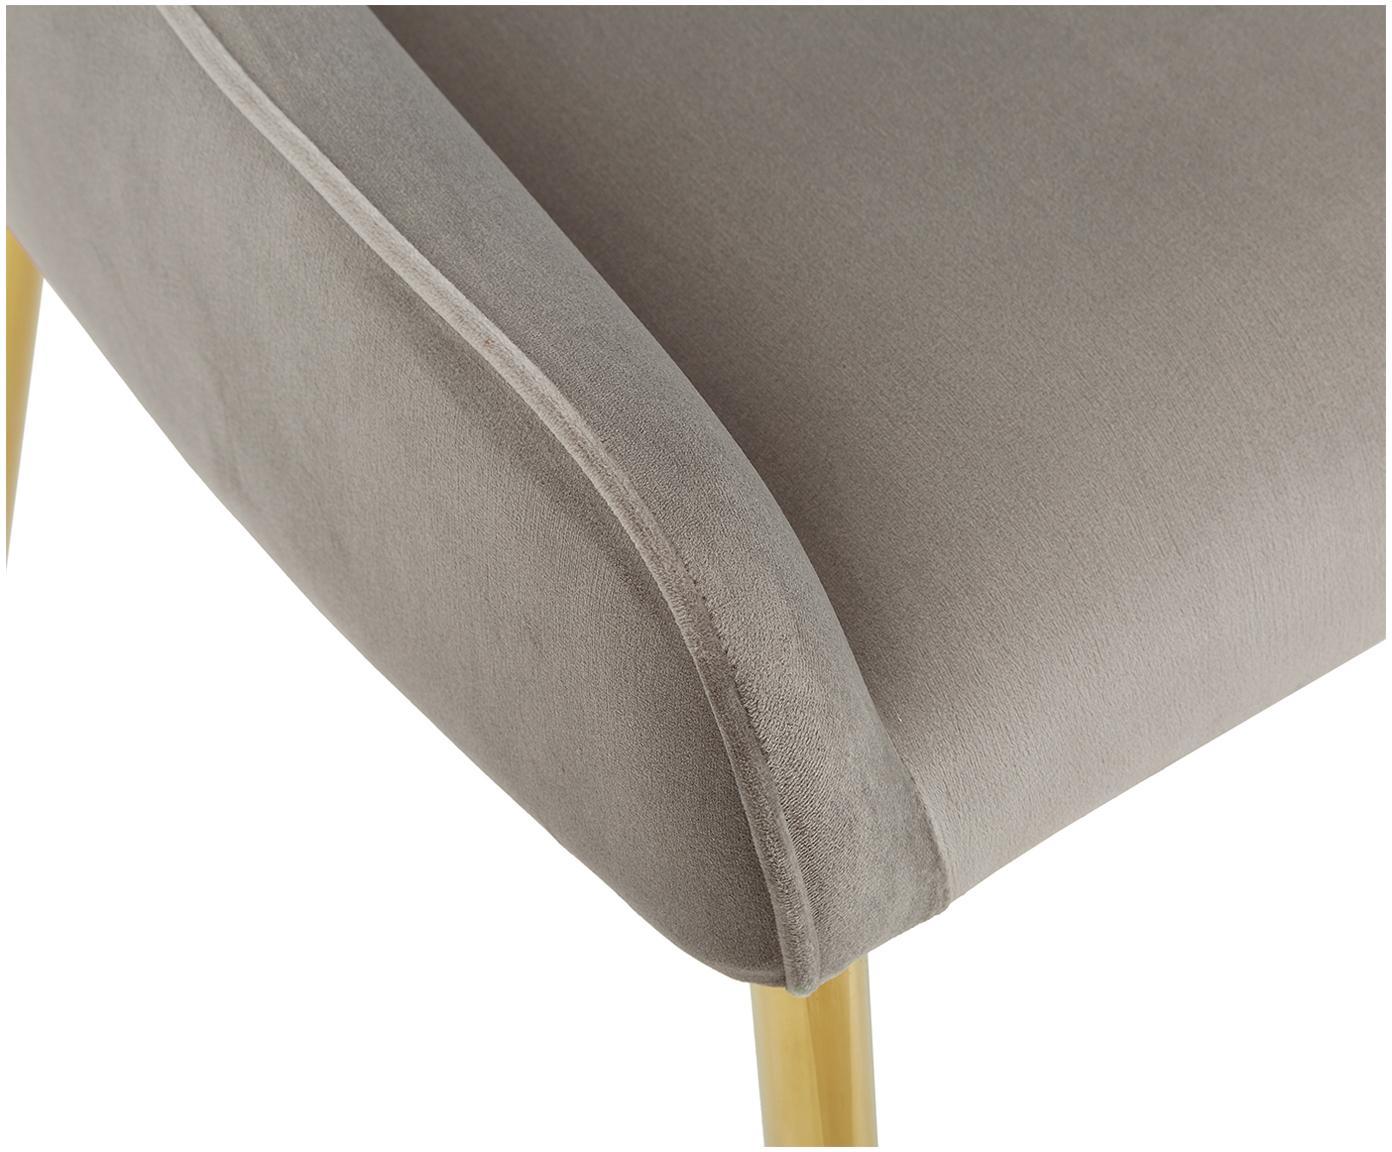 Fluweel gestoffeerde stoel Ava, Bekleding: fluweel (100% polyester), Poten: gegalvaniseerd metaal, Taupe, B 55  x D 60 cm